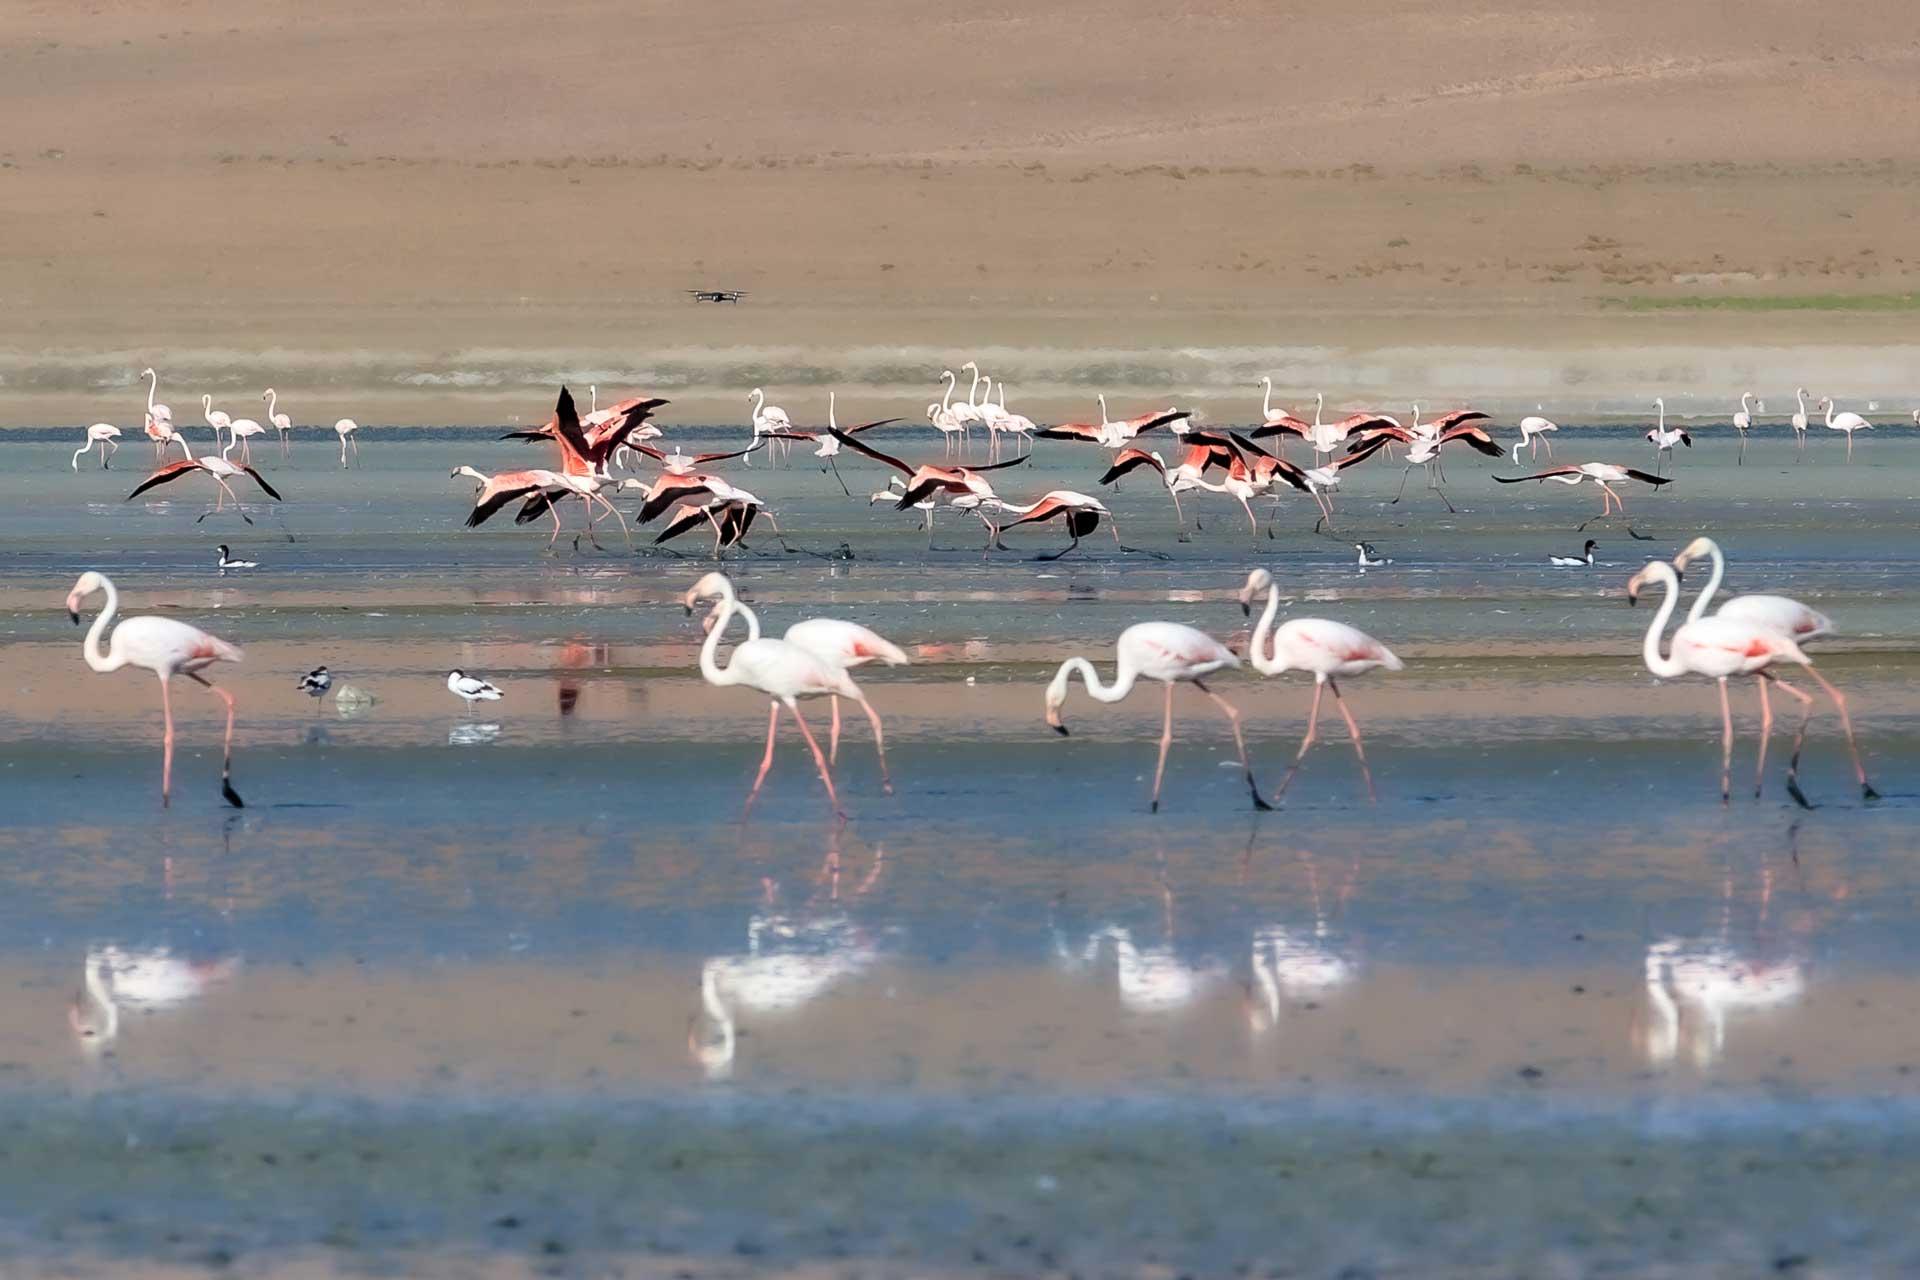 Flamingo Fotoğrafları Çekergezer Hakan Aydın Fotoğrafları Flamingo Resimleri